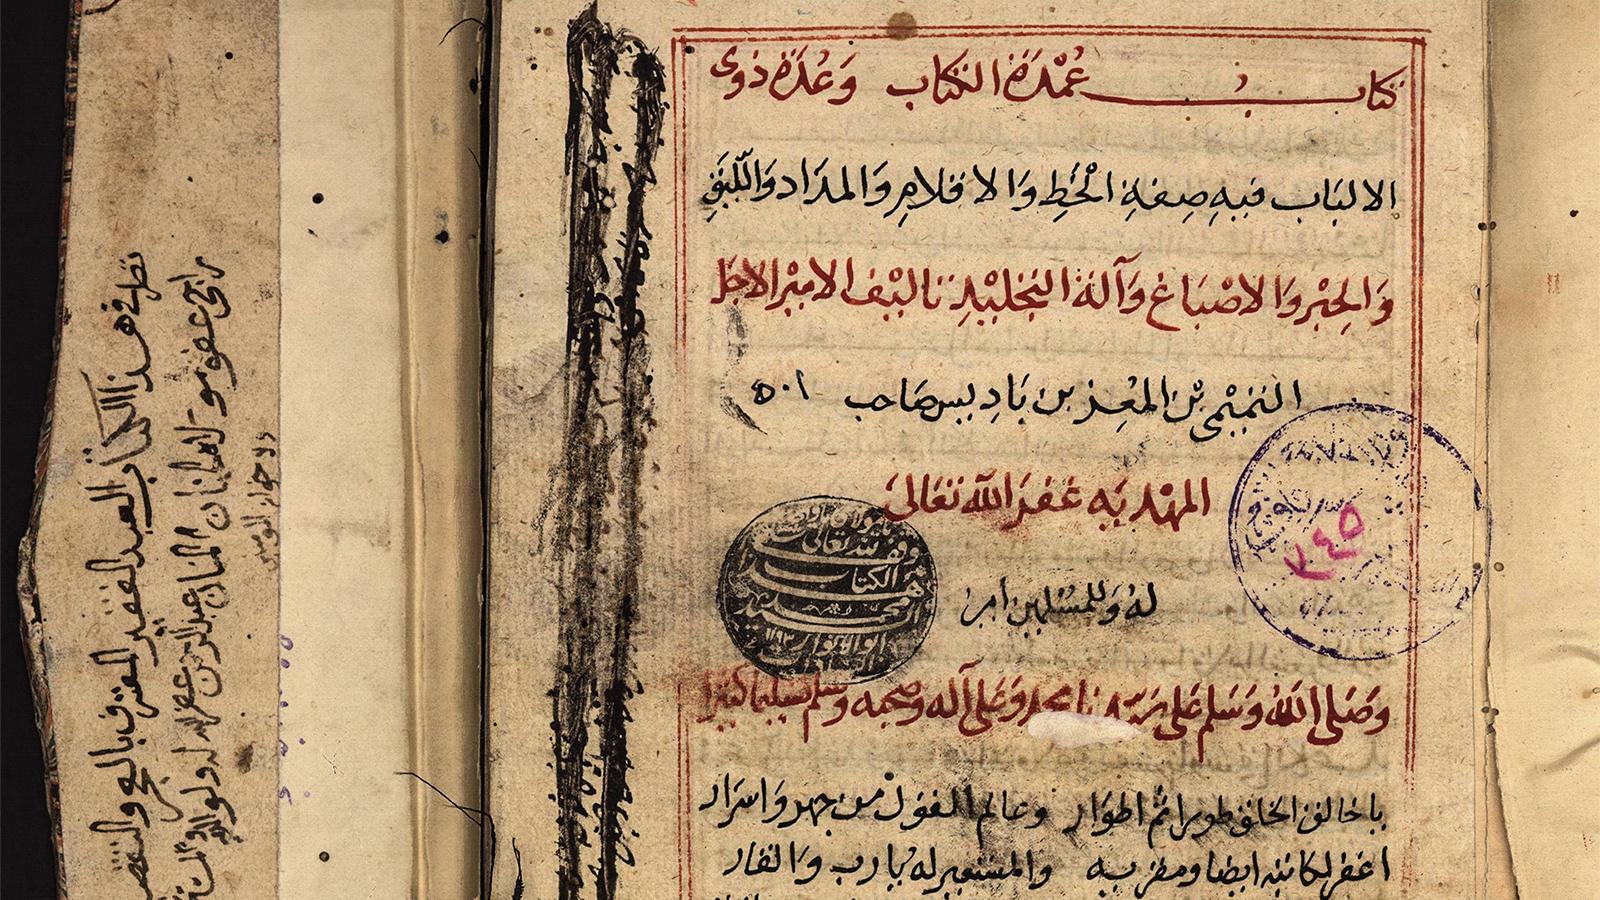 يهودي يكتب القرآن ومسيحي ينسخ تفسير الطبري ومؤلفات بخطوط نسائية.. الوراقون وصناعة الكتاب في الحضارة الإسلامية Ad843b4f-12dd-4da4-86e6-0460f0da4f59